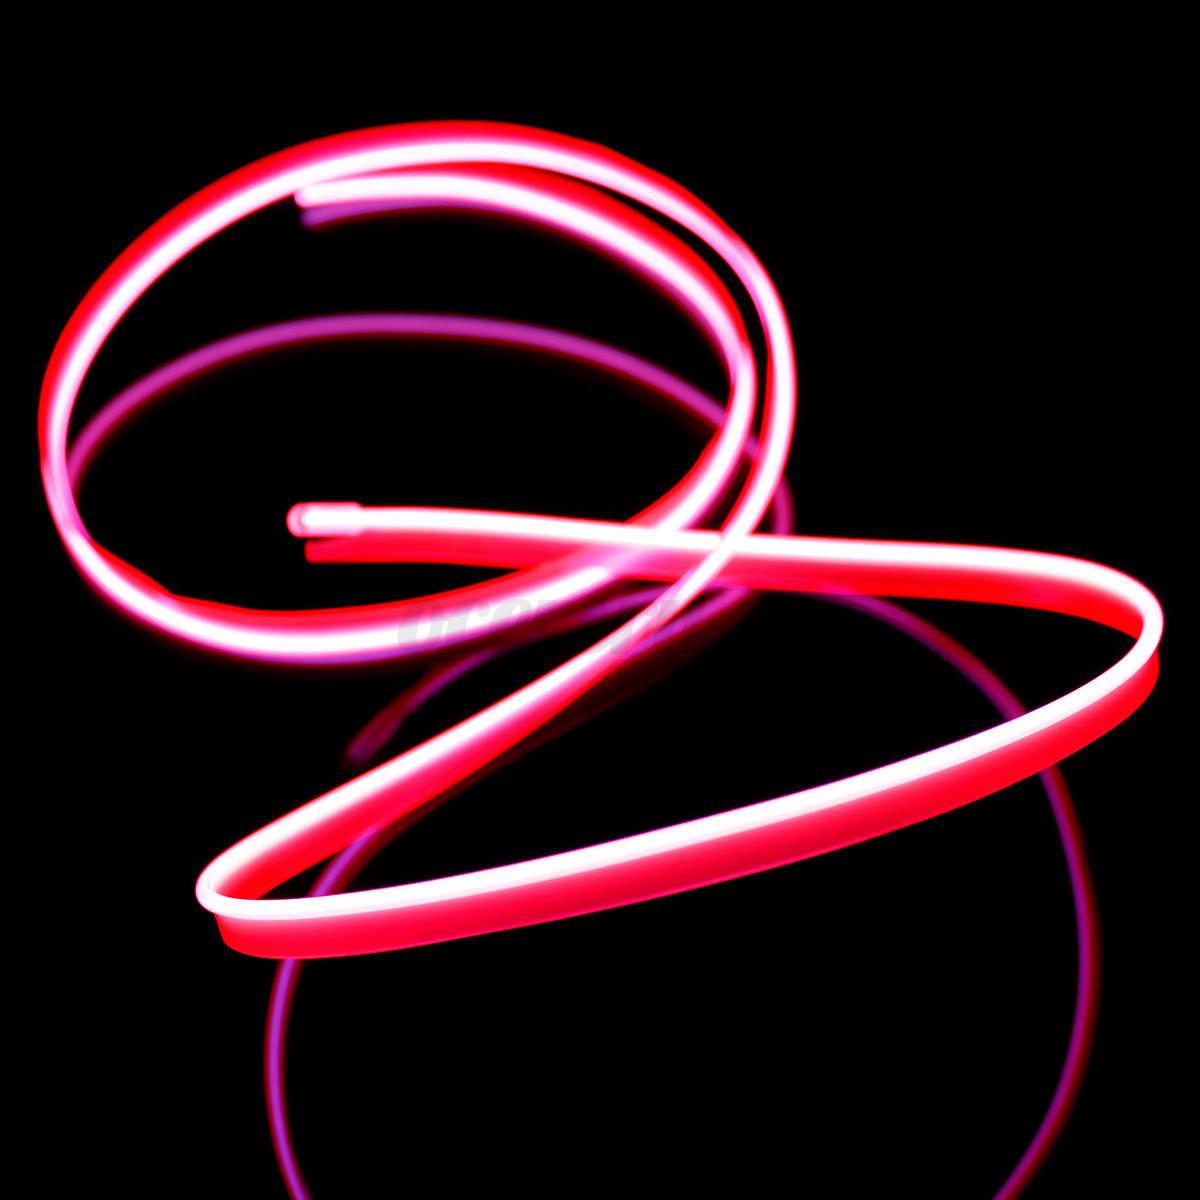 1m Auto EL Neon Kabel Licht Effekt Lichtschnur Leuchtschnur Draht ...